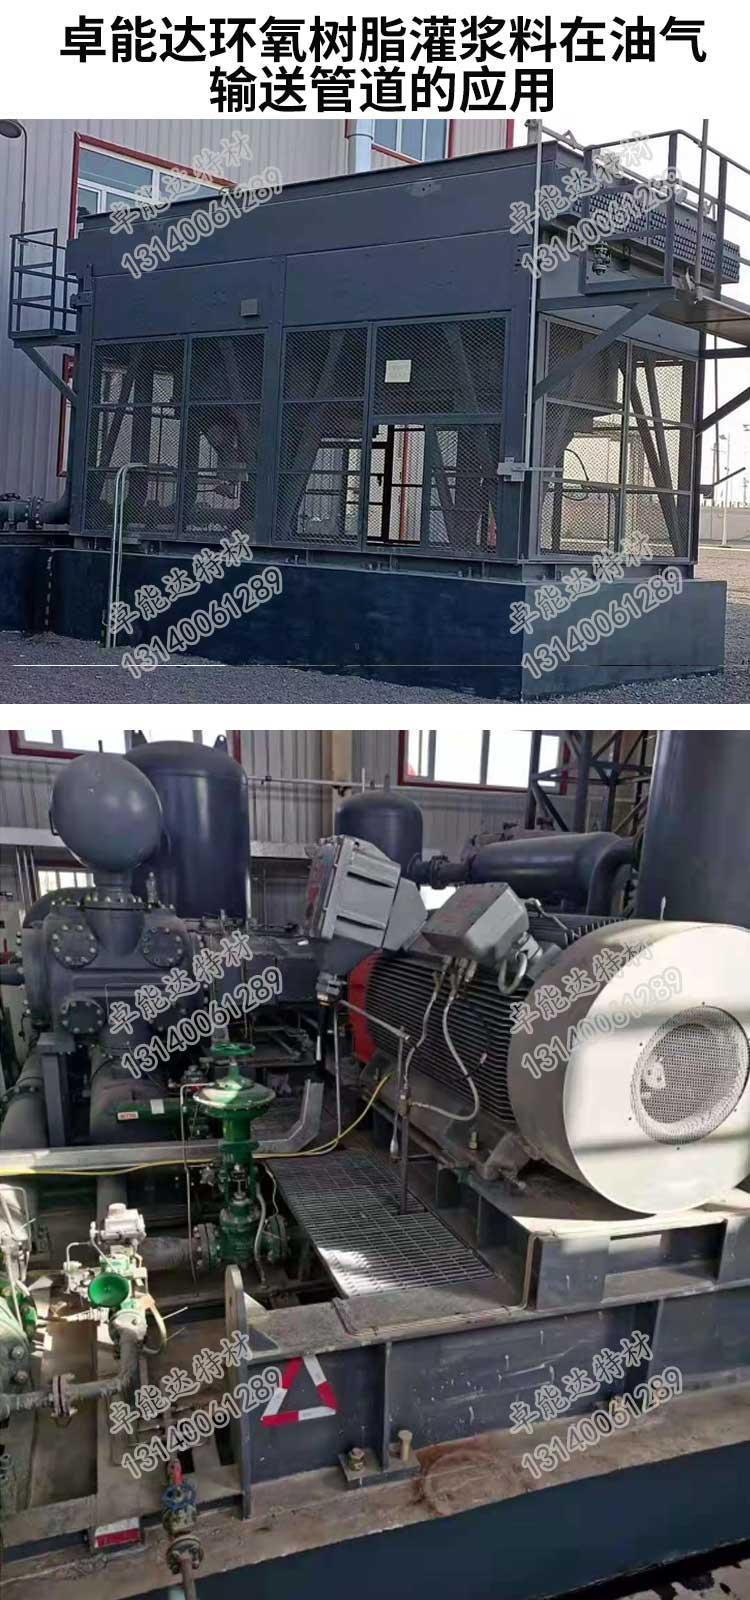 环氧树脂灌浆料在油气输送管道中的应用1-2.jpg